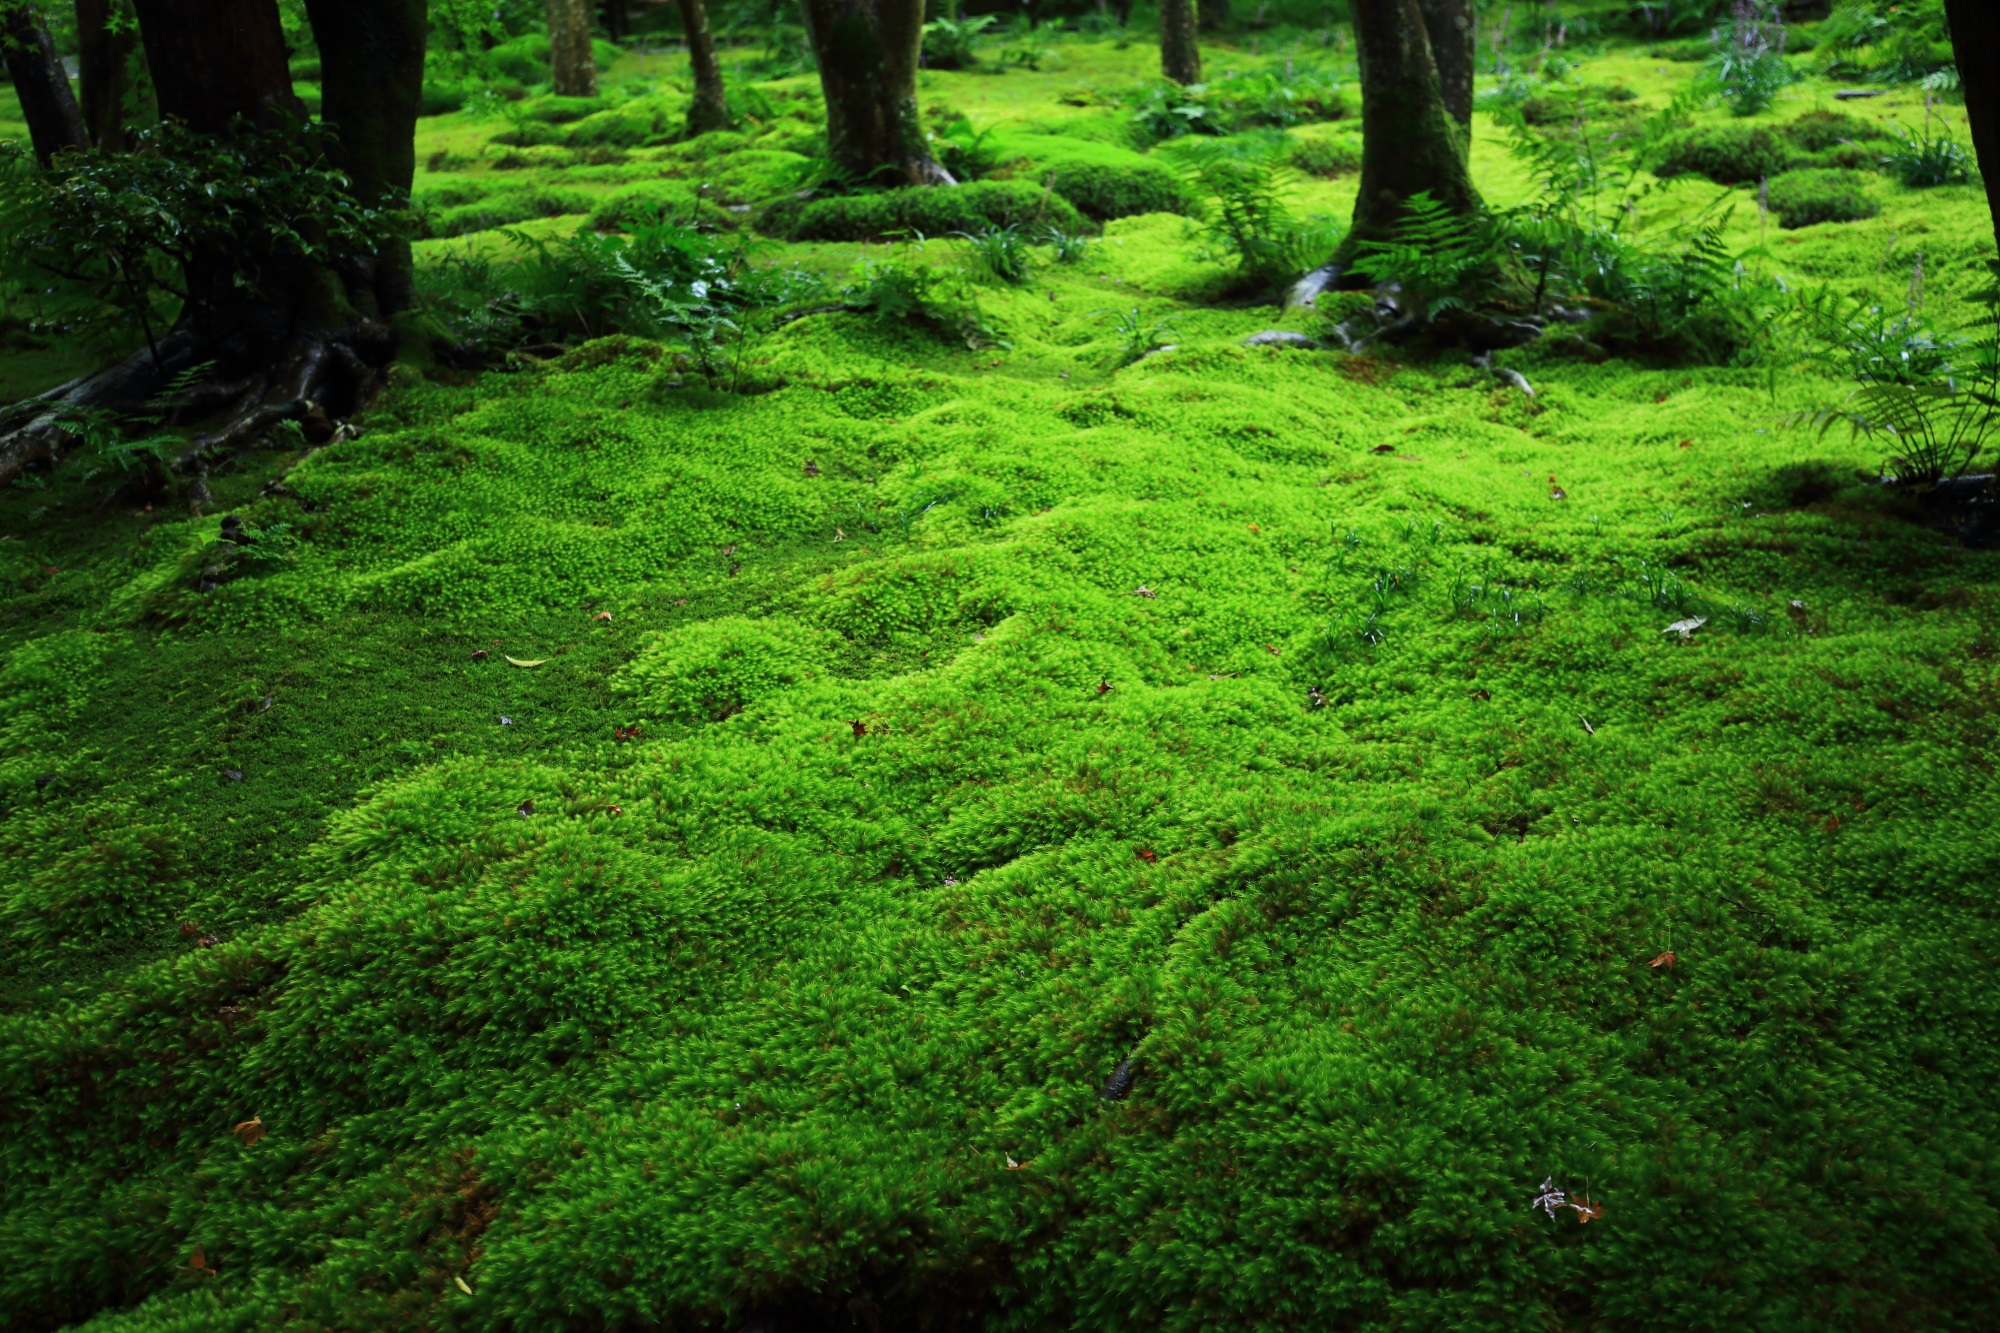 雨のおかげで生き生きと輝く祇王寺の苔